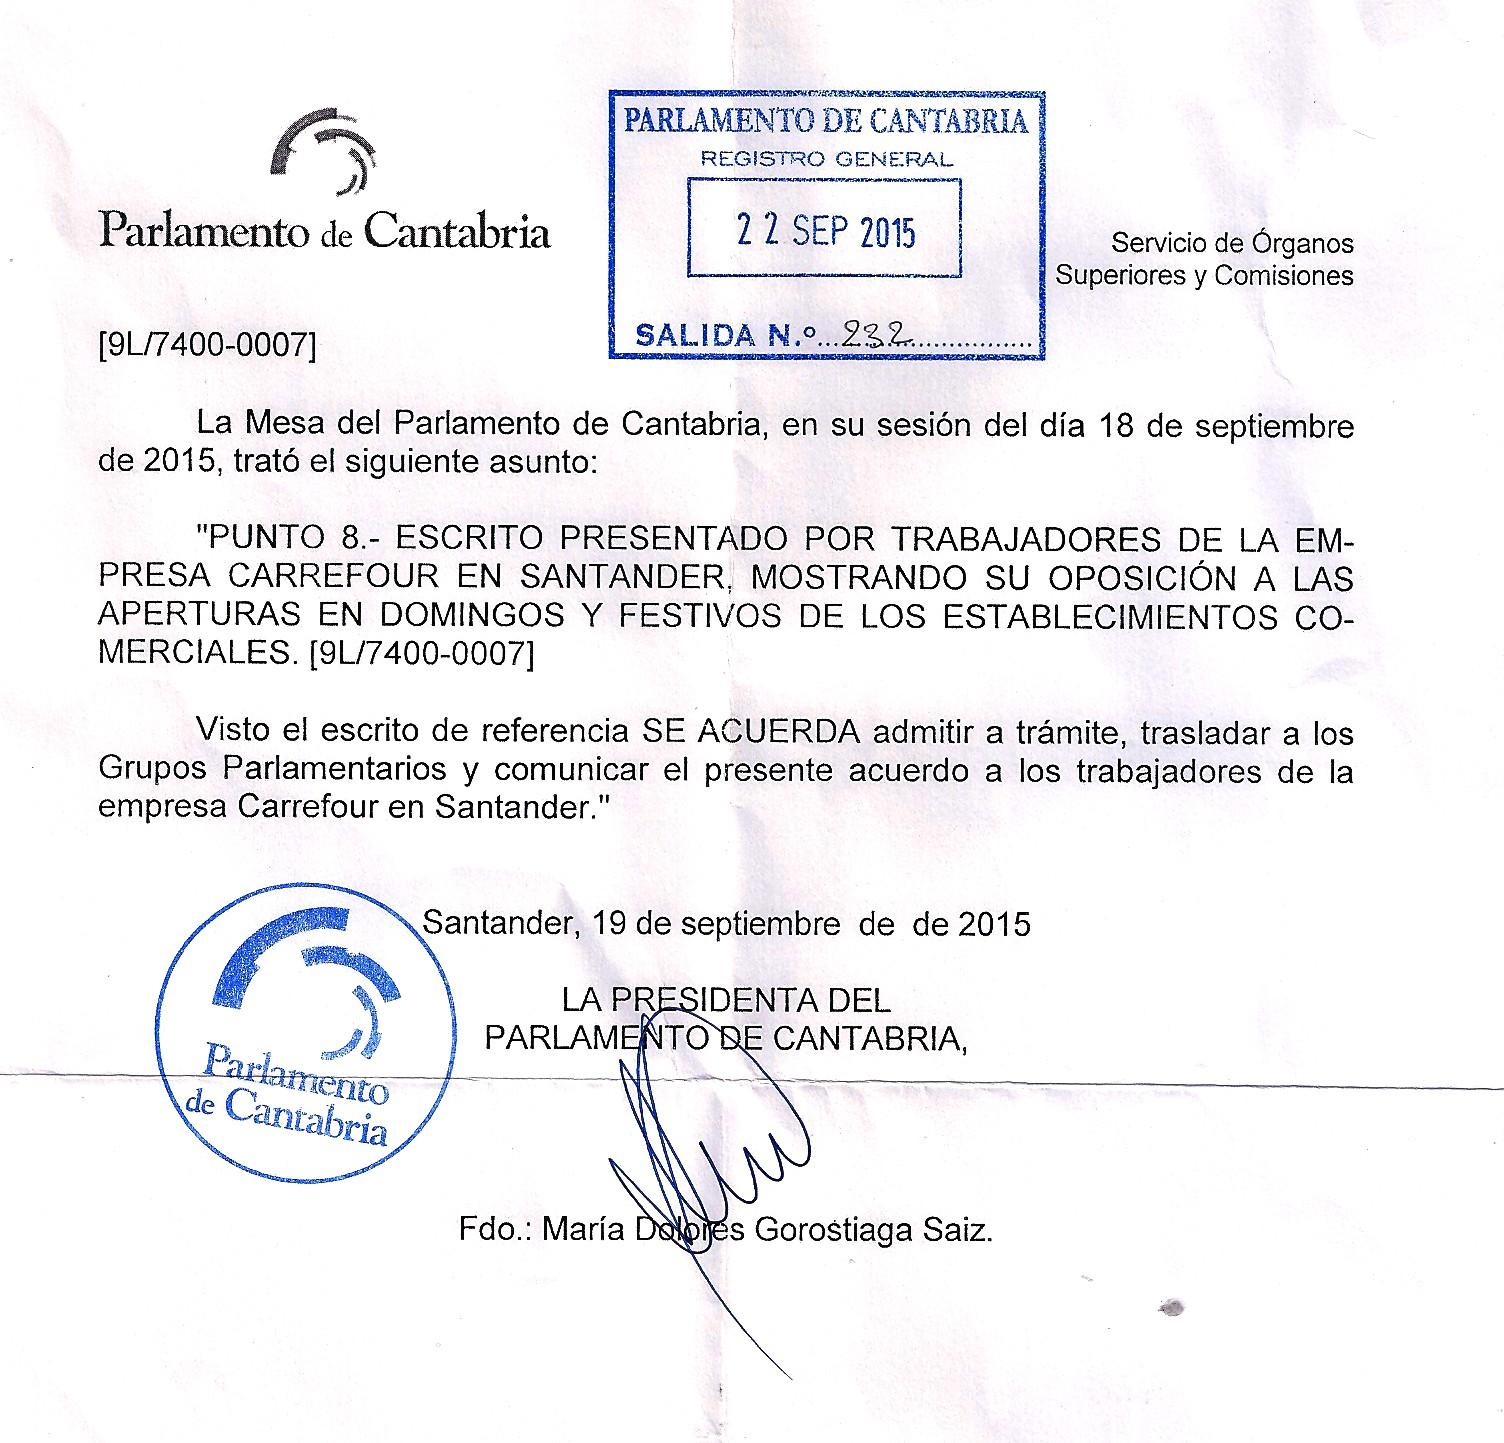 Calendario 2019 Con Feriados Puentes Más Reciente Secci³n Sindical Ugt Carrefour Pe±acastillo 2015 Of Calendario 2019 Con Feriados Puentes Más Populares Abi Agencia Boliviana De Informaci³n V2018